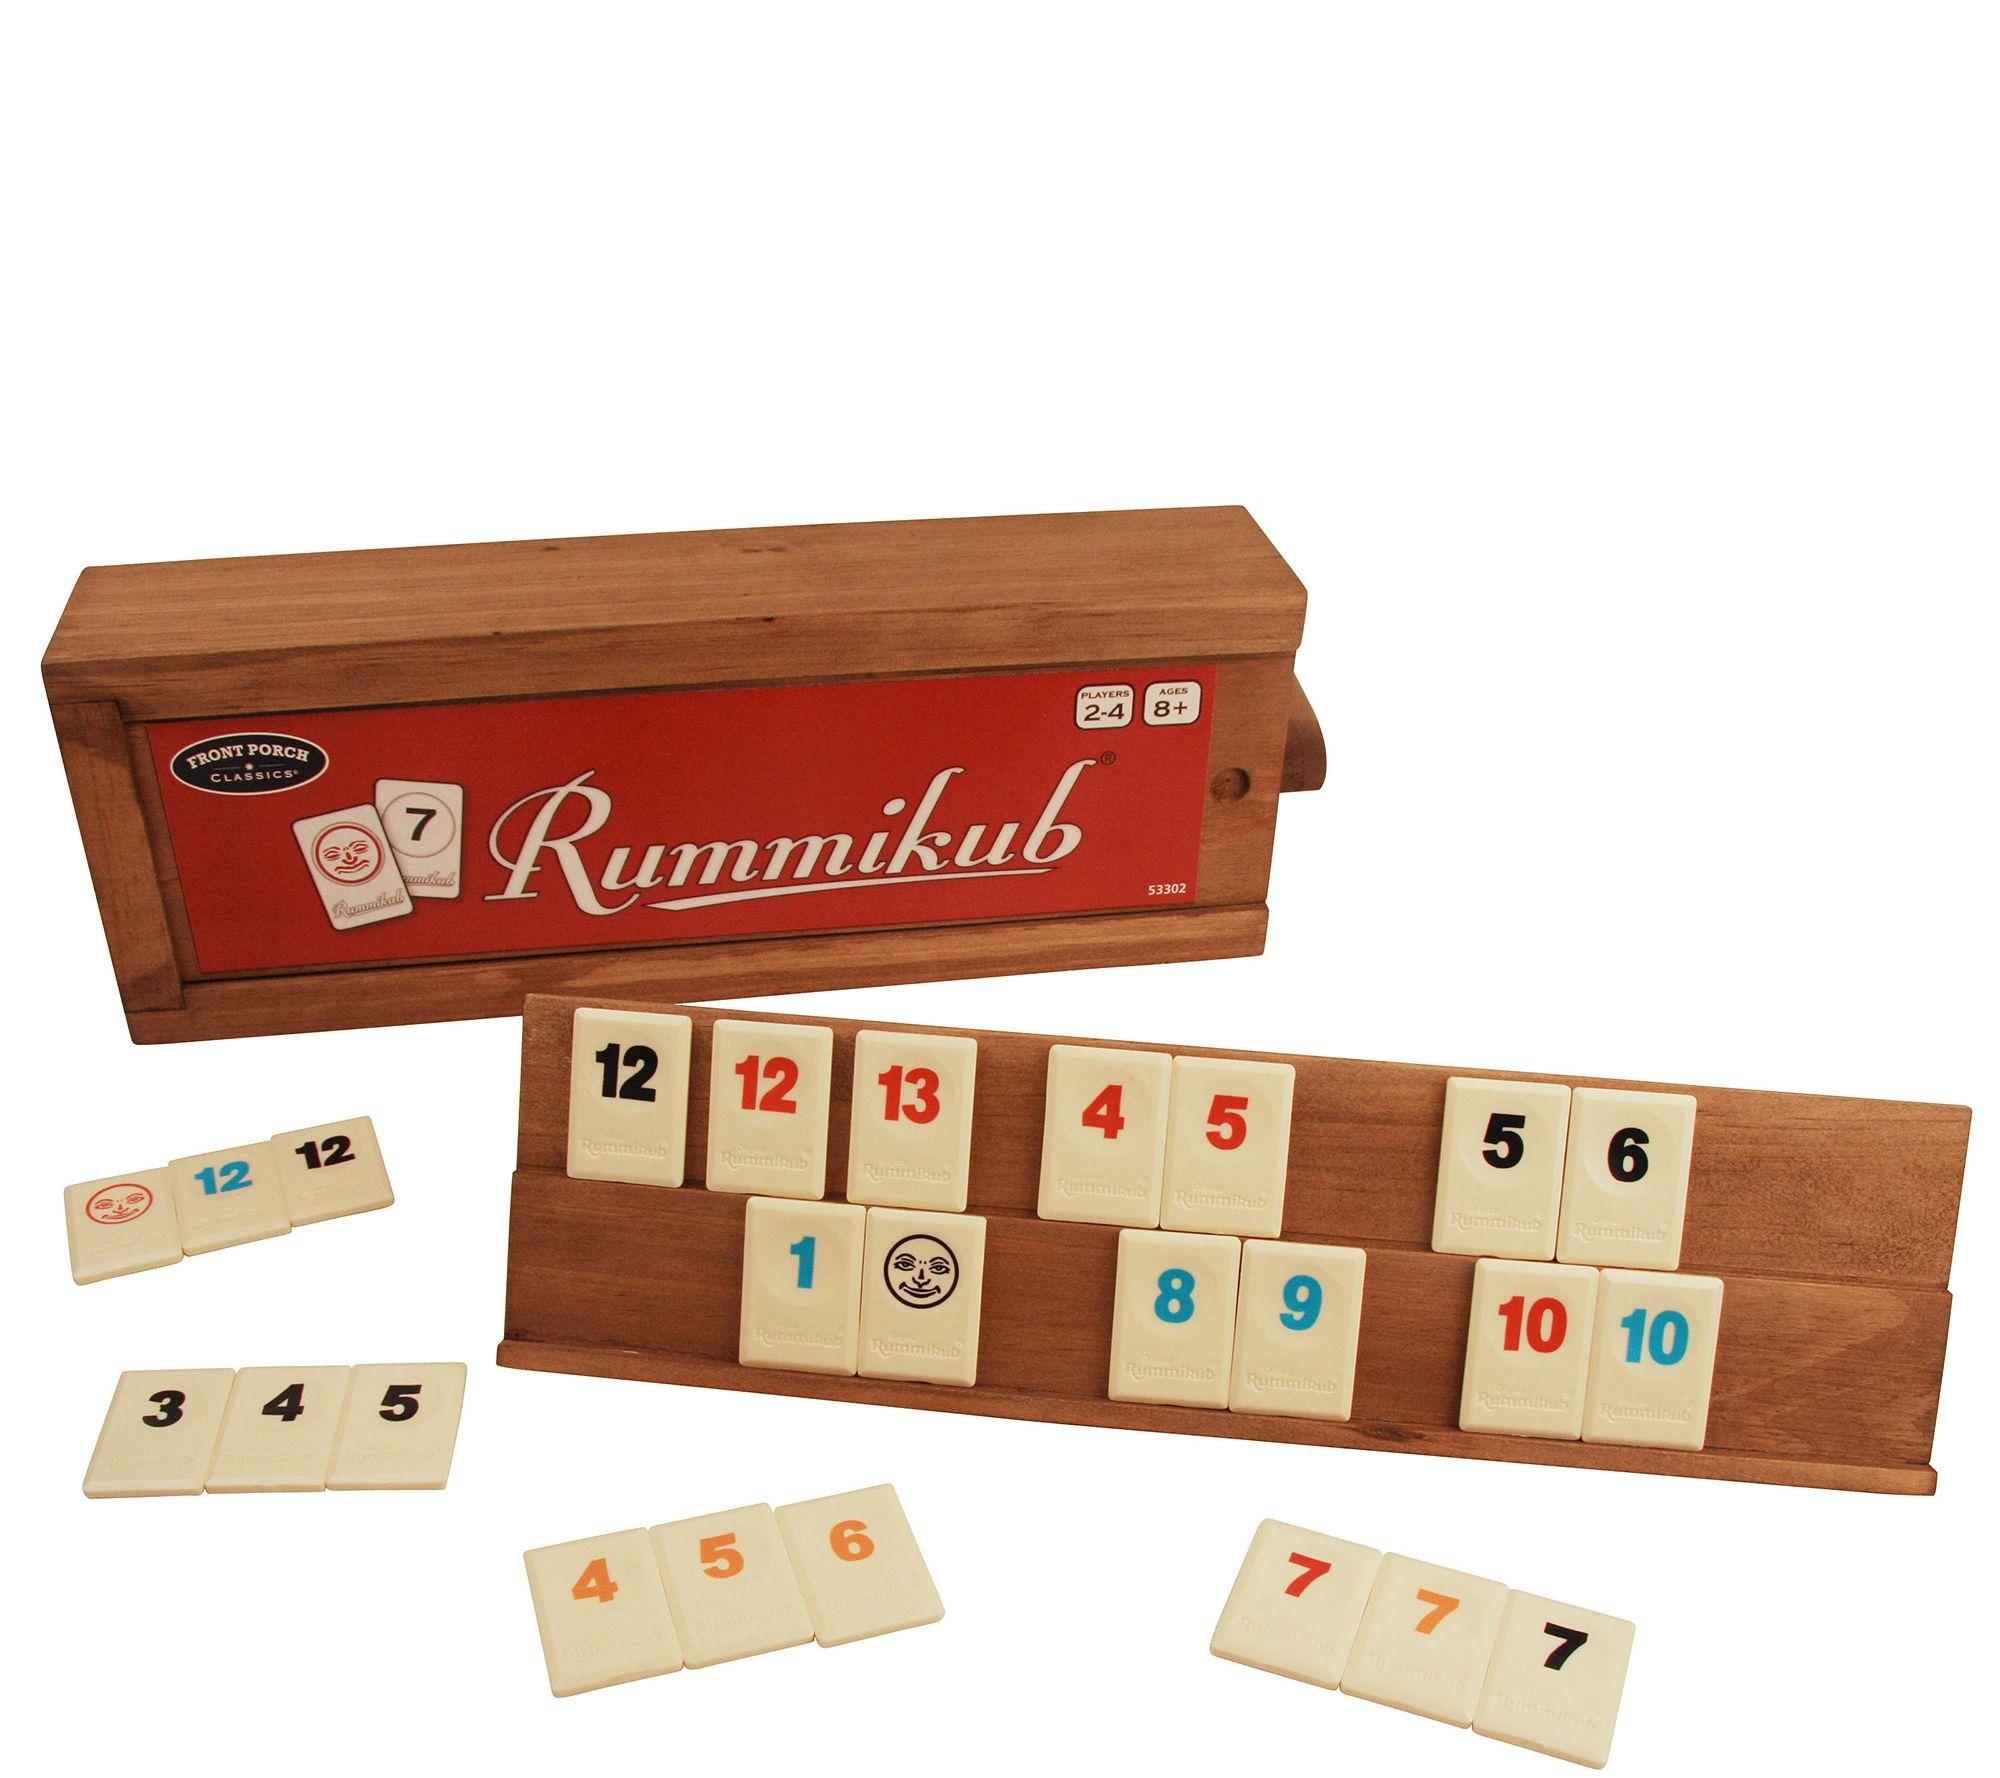 Rummikub Vintage-Style Gift Box Edition